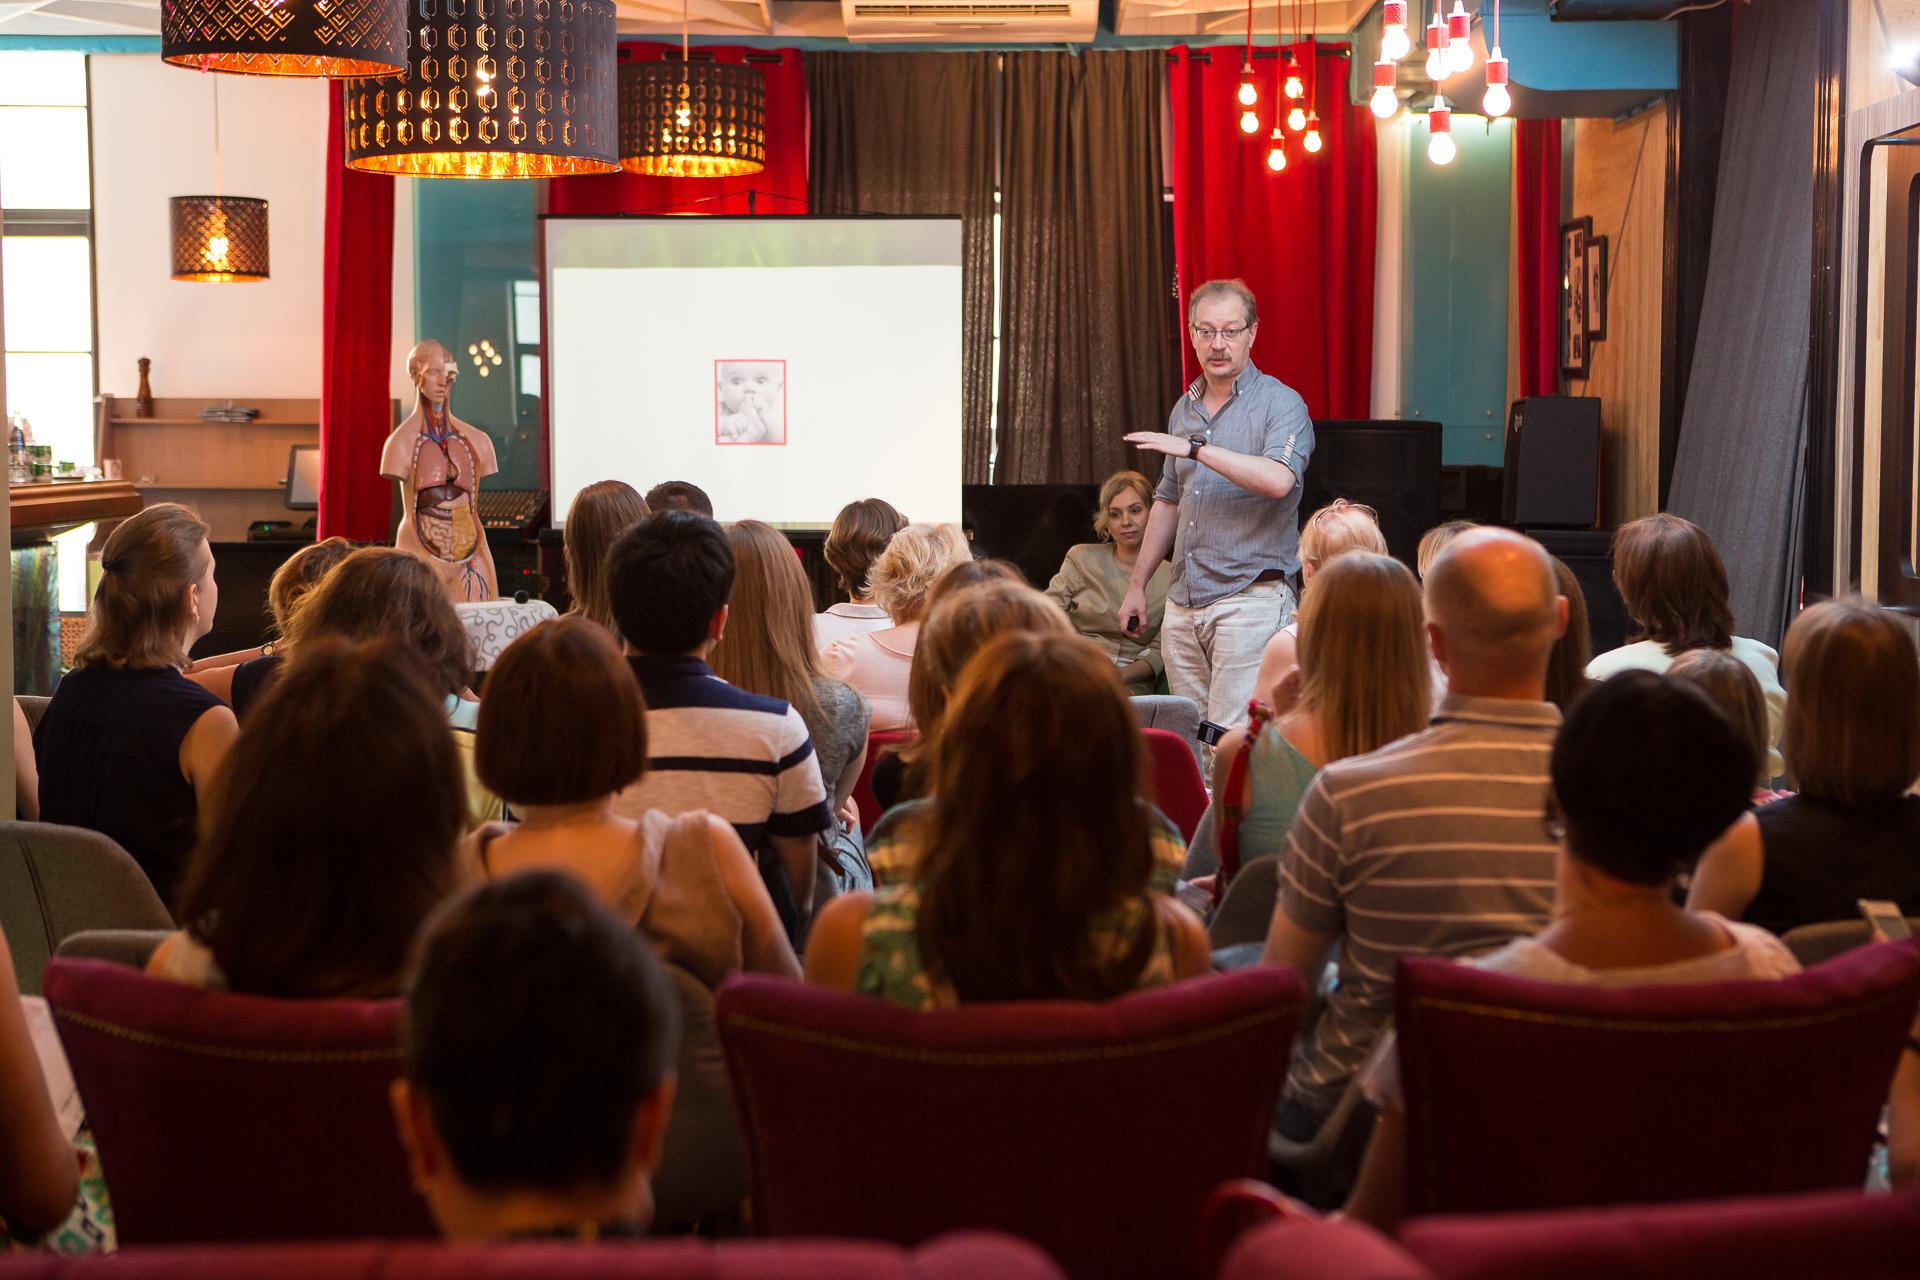 В здоровом теле - здоровый дух: ток-шоу компании Danone о связи эмоционального интеллекта с кишечной микробиотой